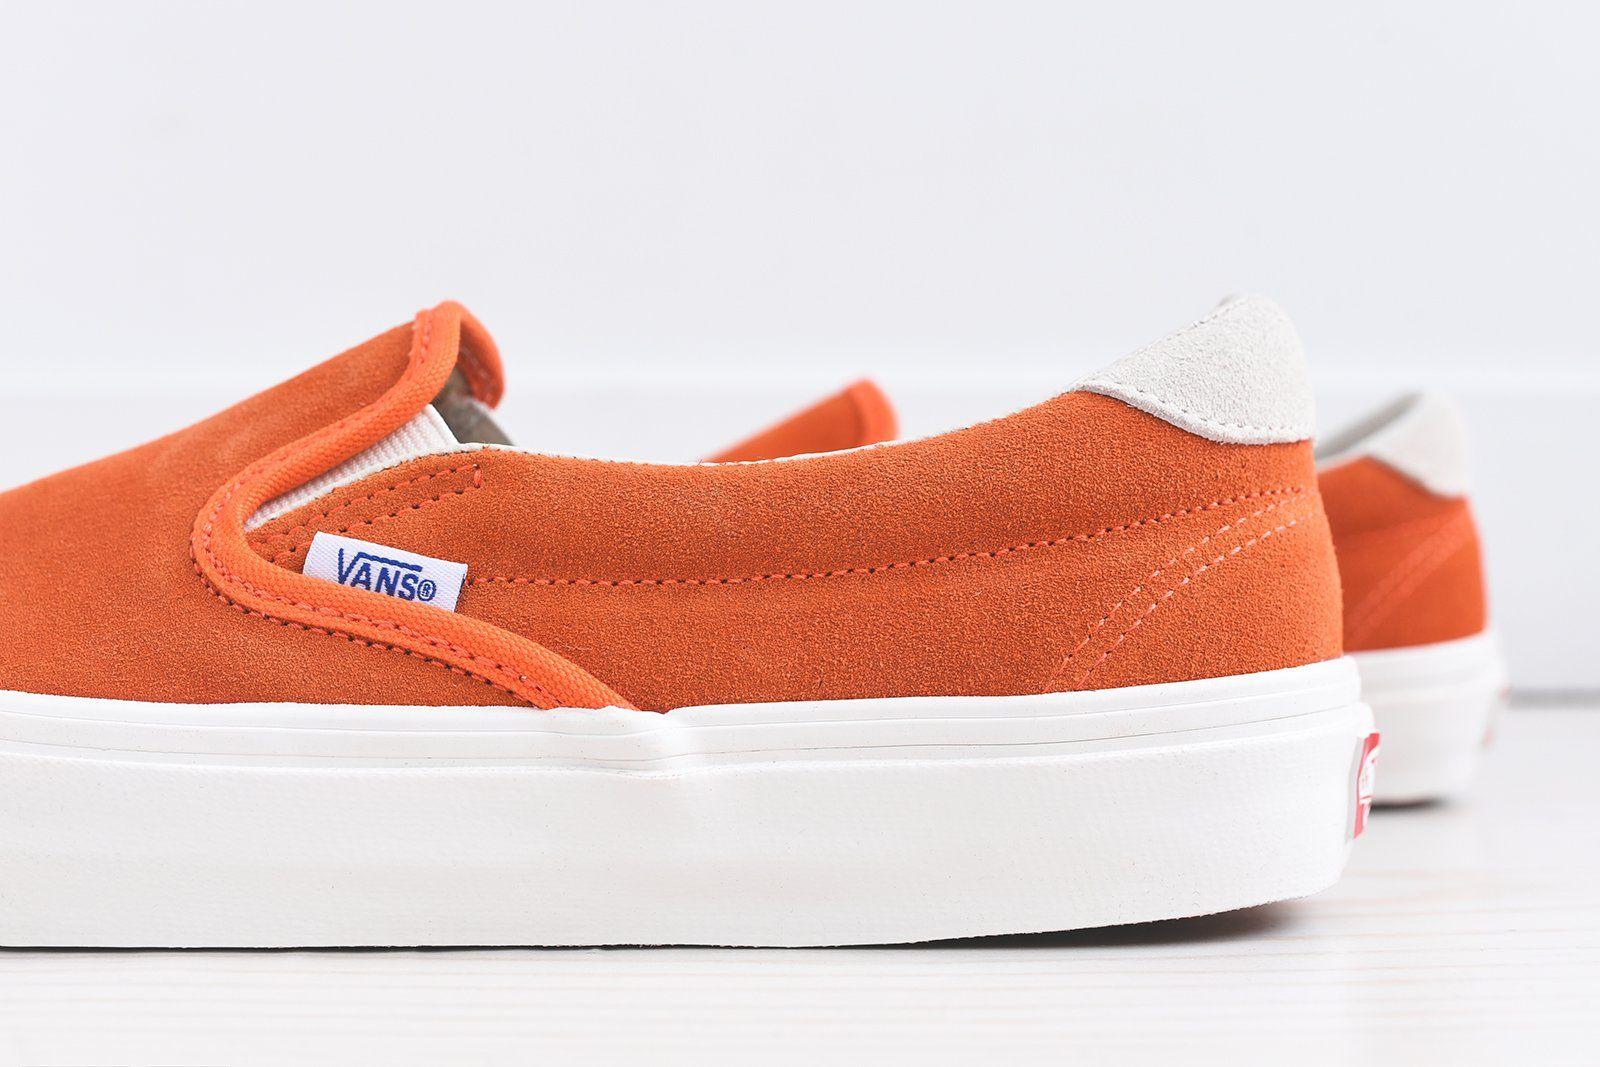 Vans OG Slip-On 59 LX - Red Orange